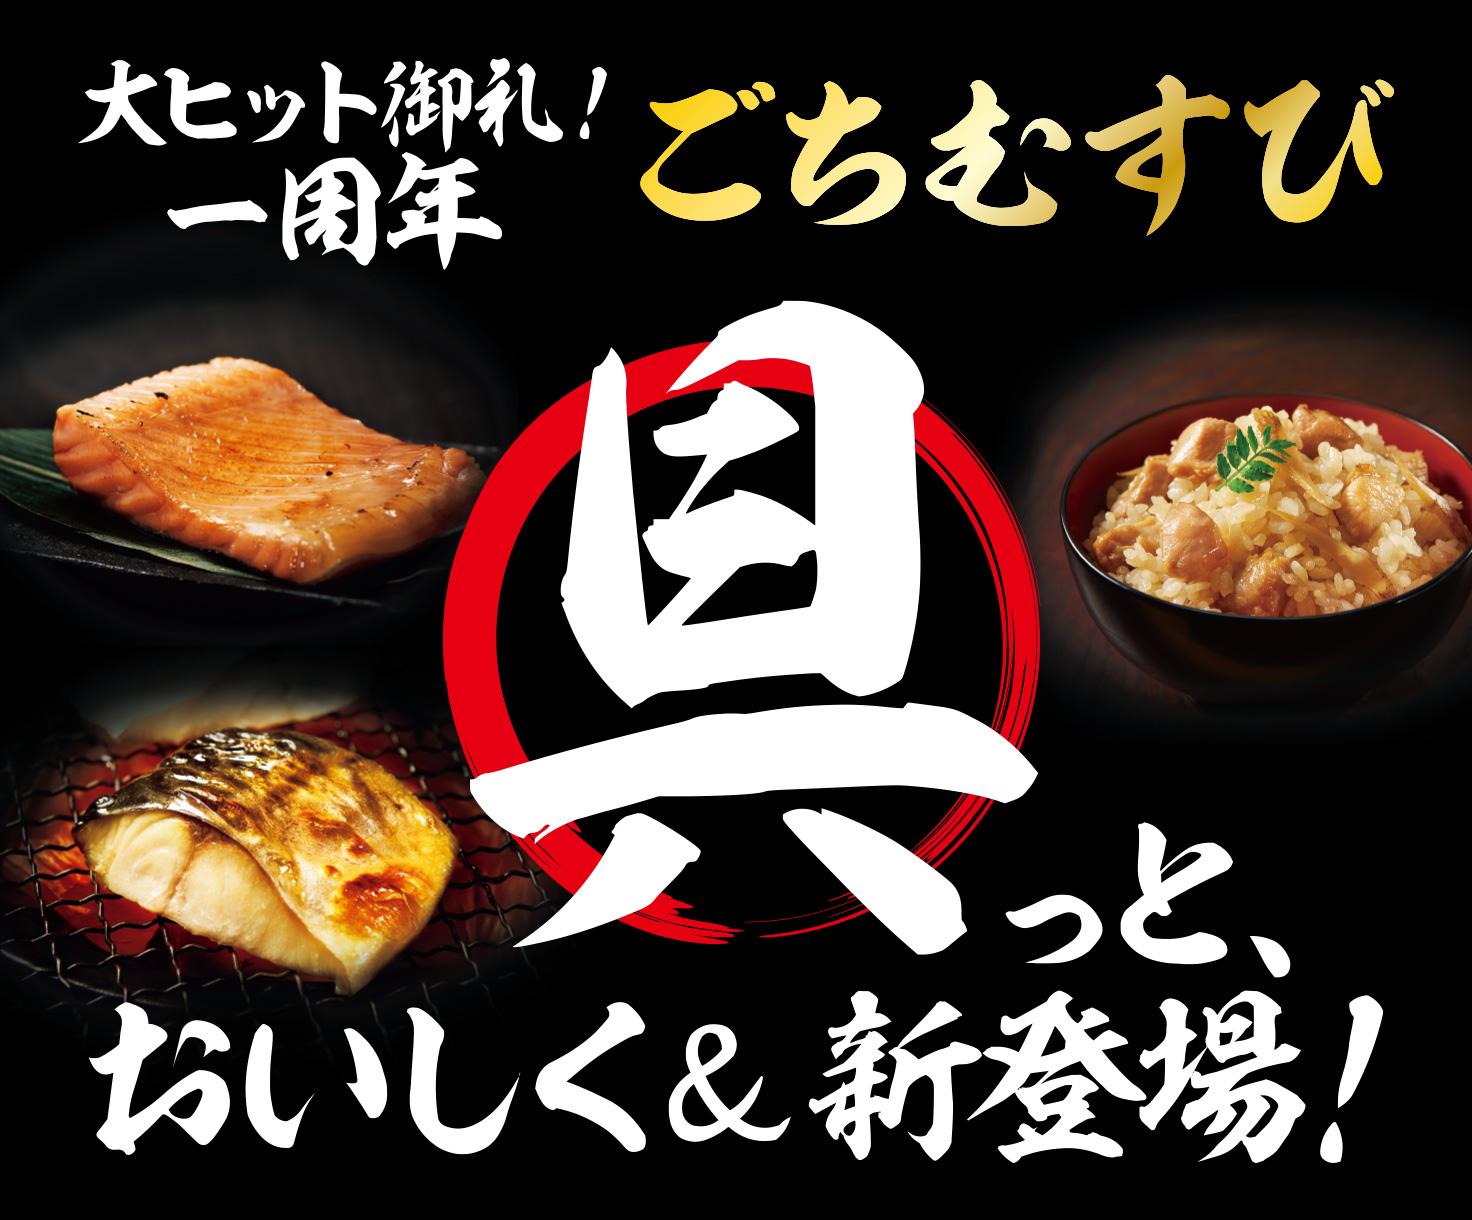 ファミリーマートでごちむすびが50円引きとなるクーポンが4万名に当たる。10/5 12時~10/8。